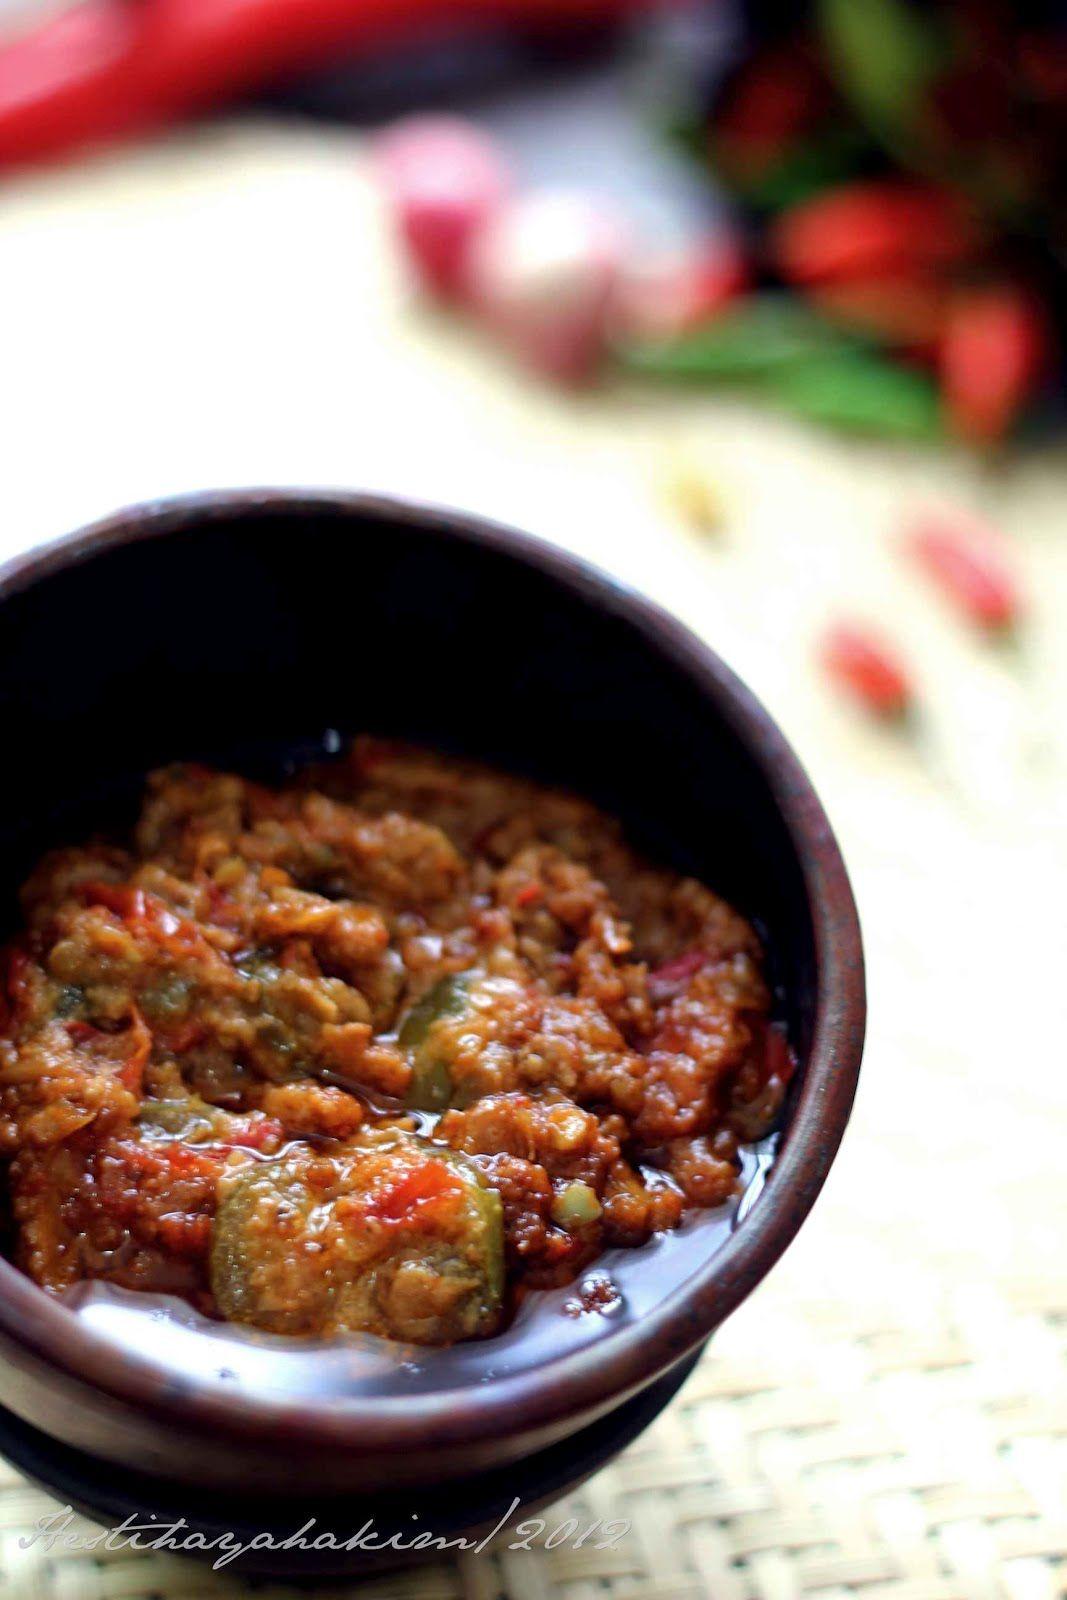 Hesti S Kitchen Yummy For Your Tummy Sambal Tai Minyak Resep Masakan Resep Masakan Asia Masakan